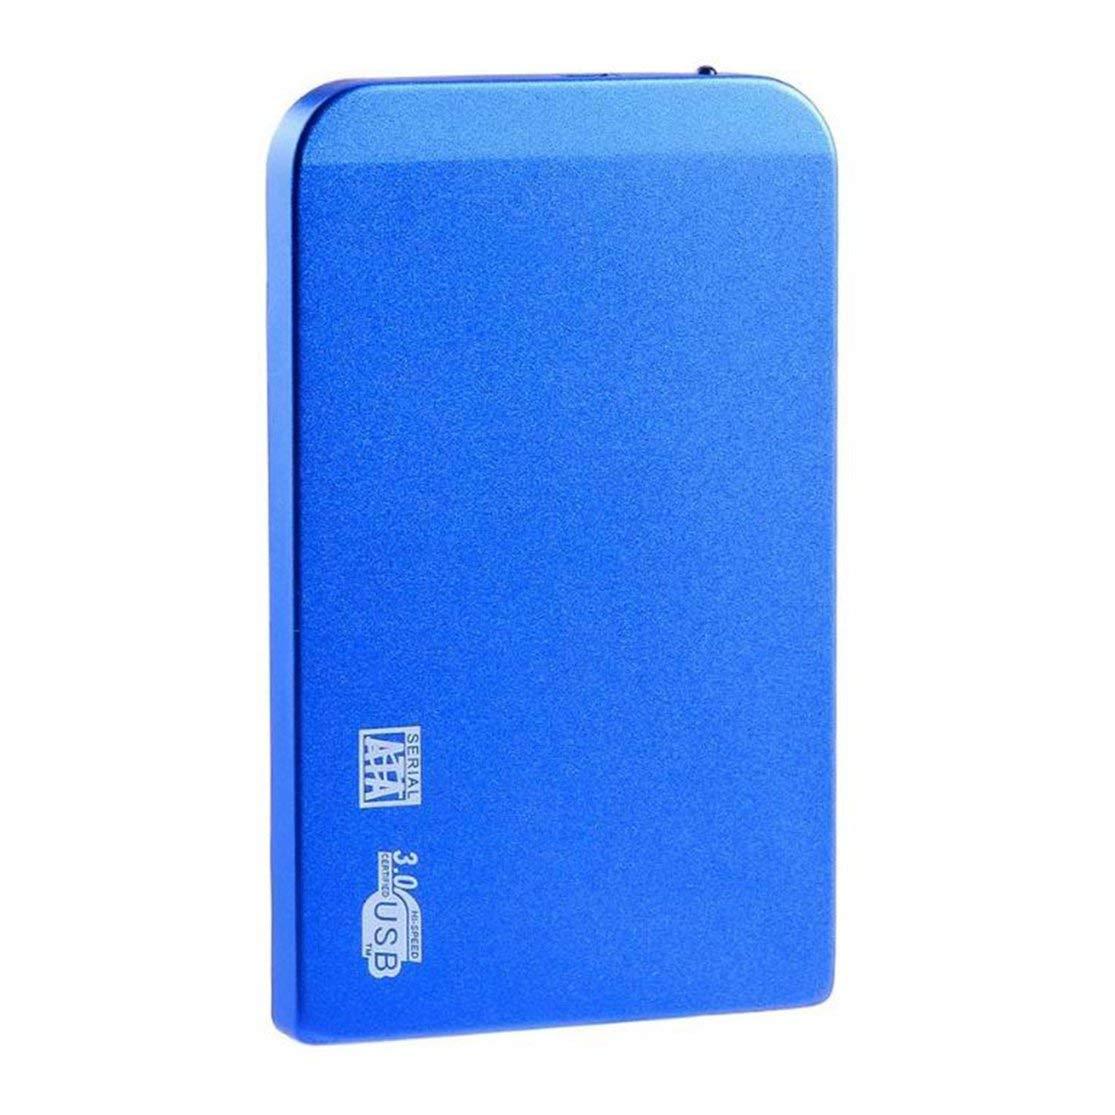 die 3 TB Sata to USB3.0-Festplattenbox unterst/ützt LouiseEvel215 2,5-Zoll-Aluminiumlegierung Ultrad/ünne USB3.0-Festplattenbox